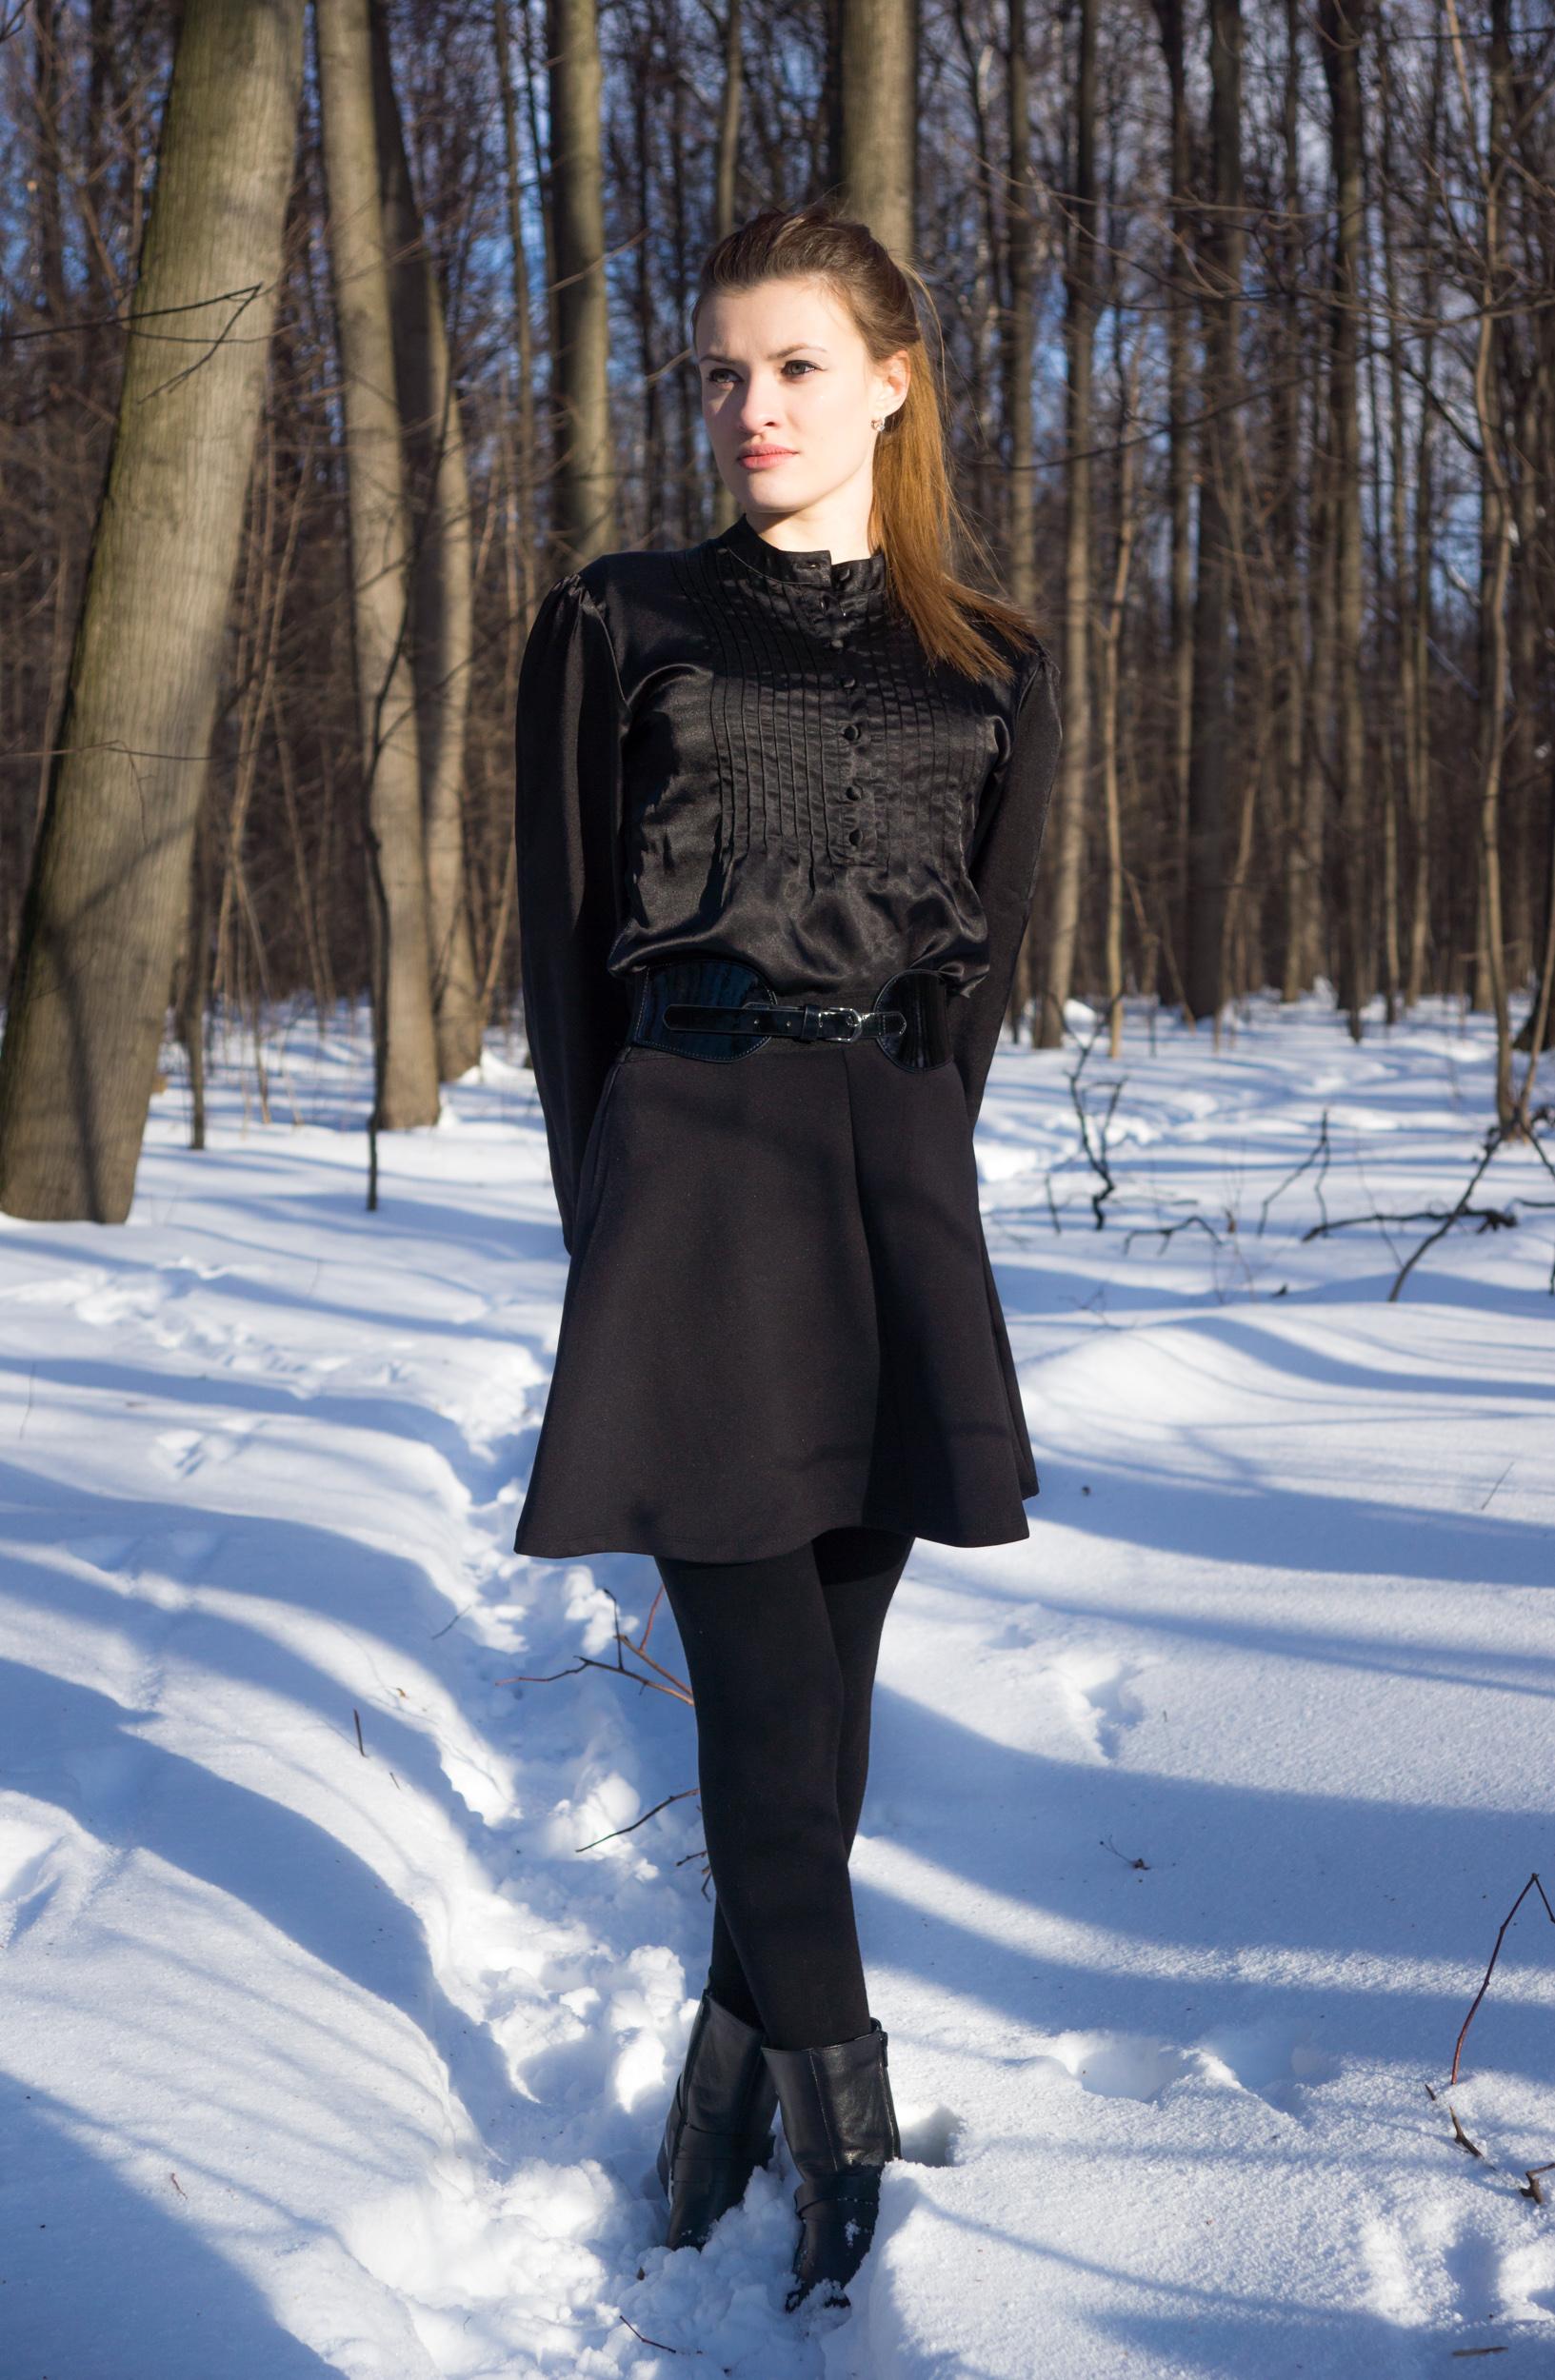 Зимний портрет девушки